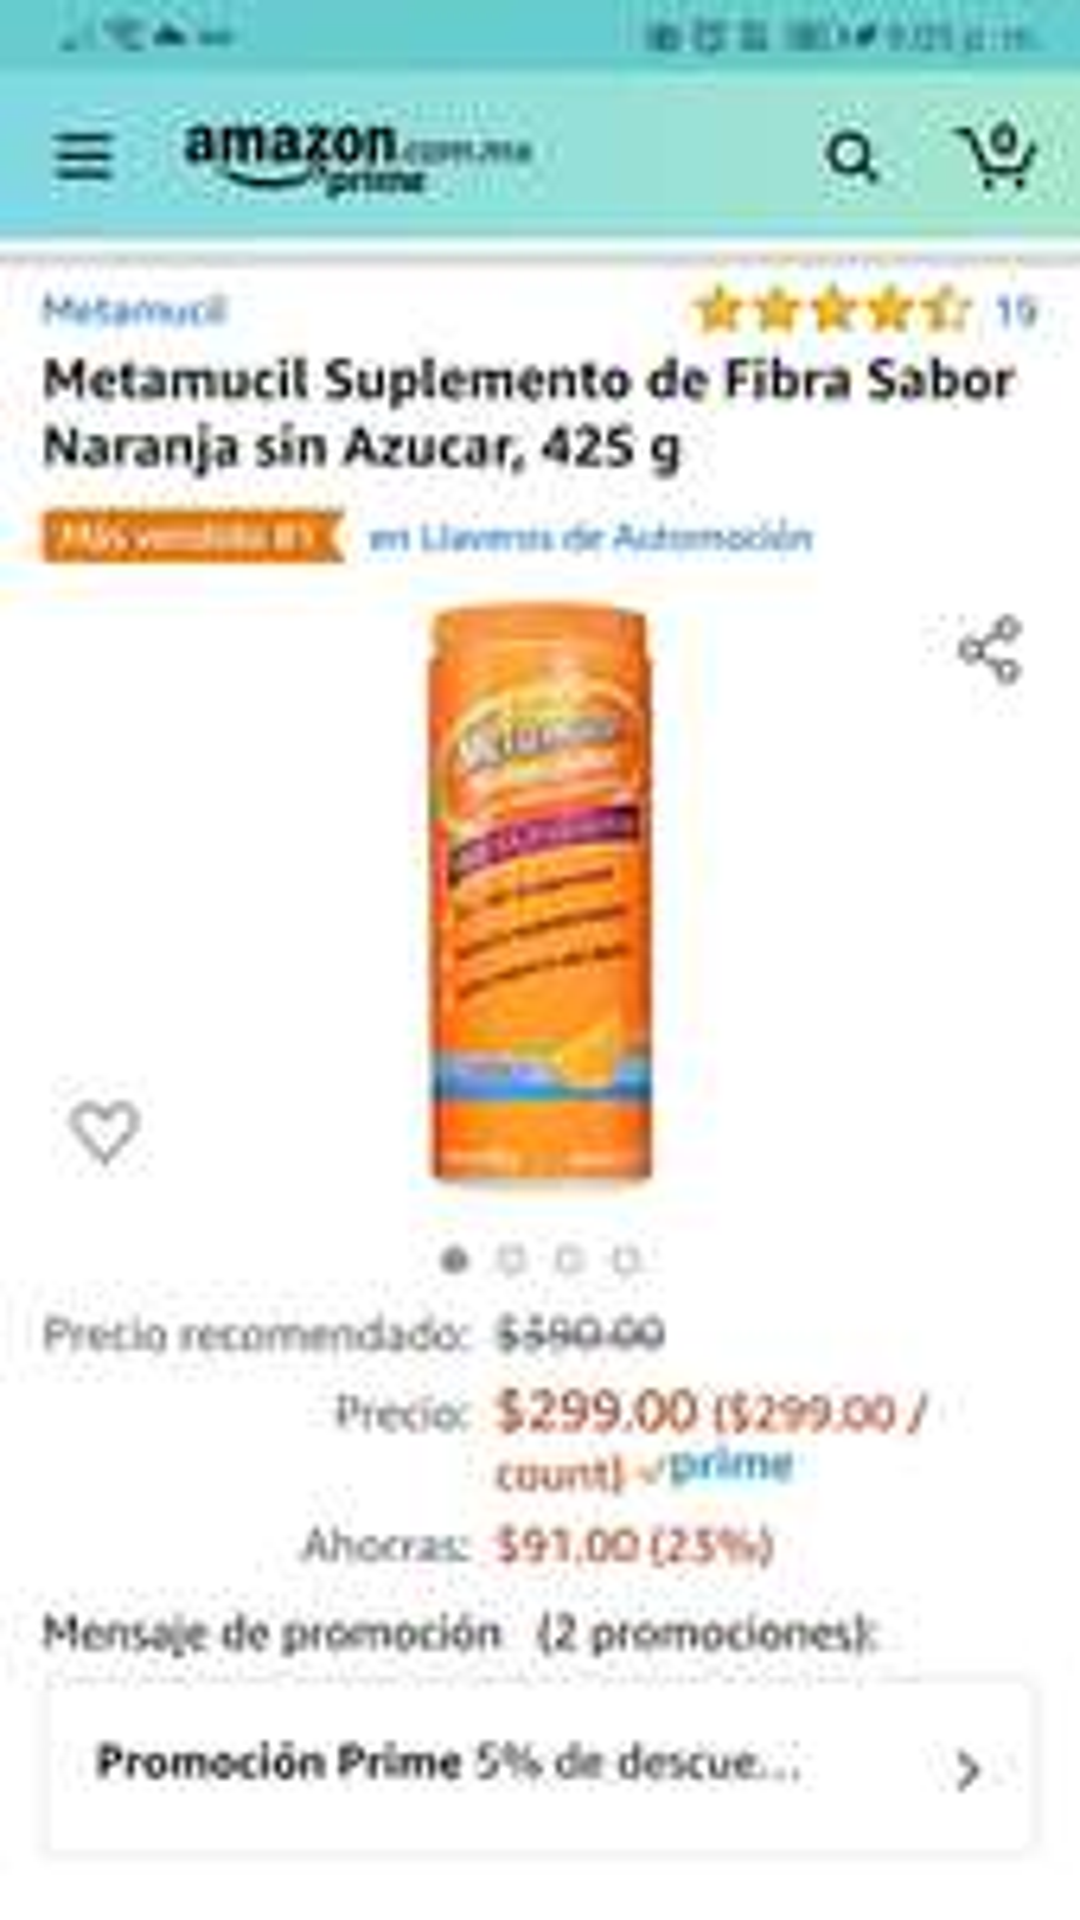 Amazon: Metamucil 425g puedes restar otro 5% a 10% si necesitas más compras de super